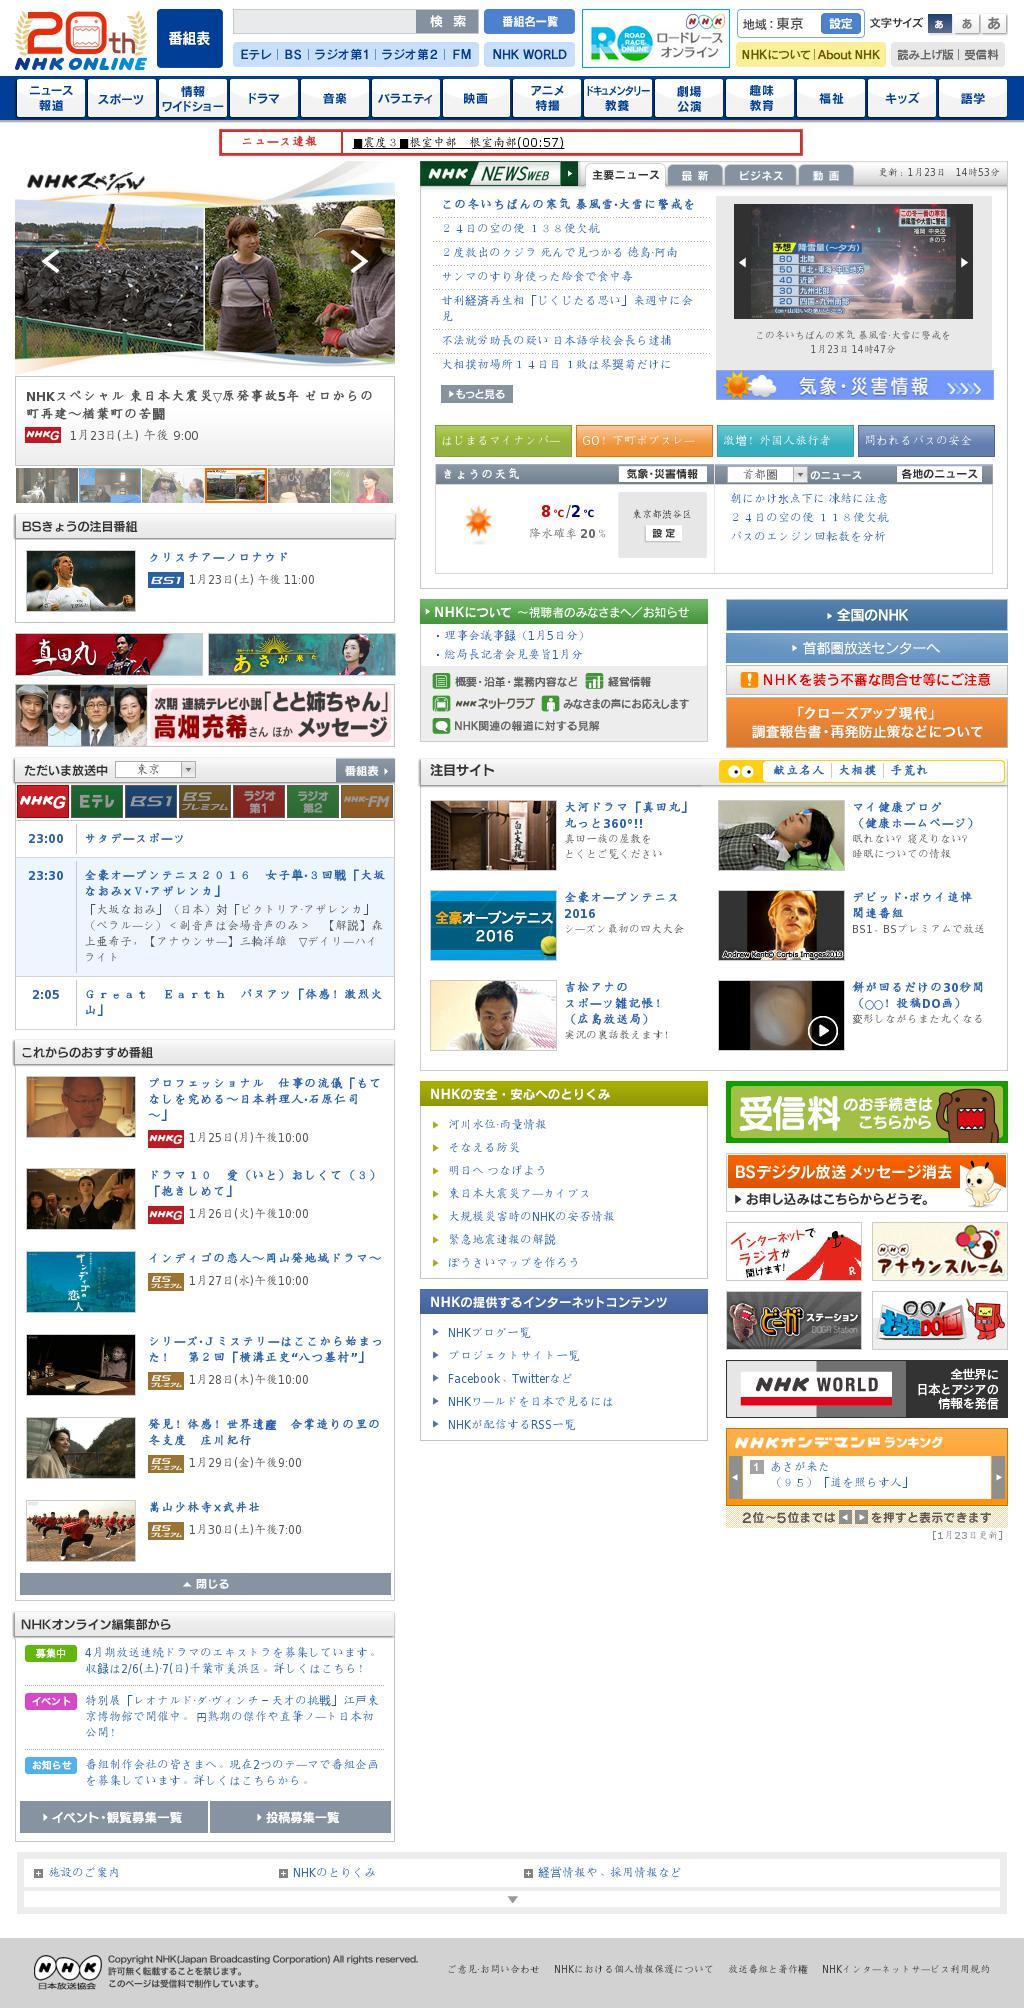 NHK Online at Saturday Jan. 23, 2016, 4:17 p.m. UTC